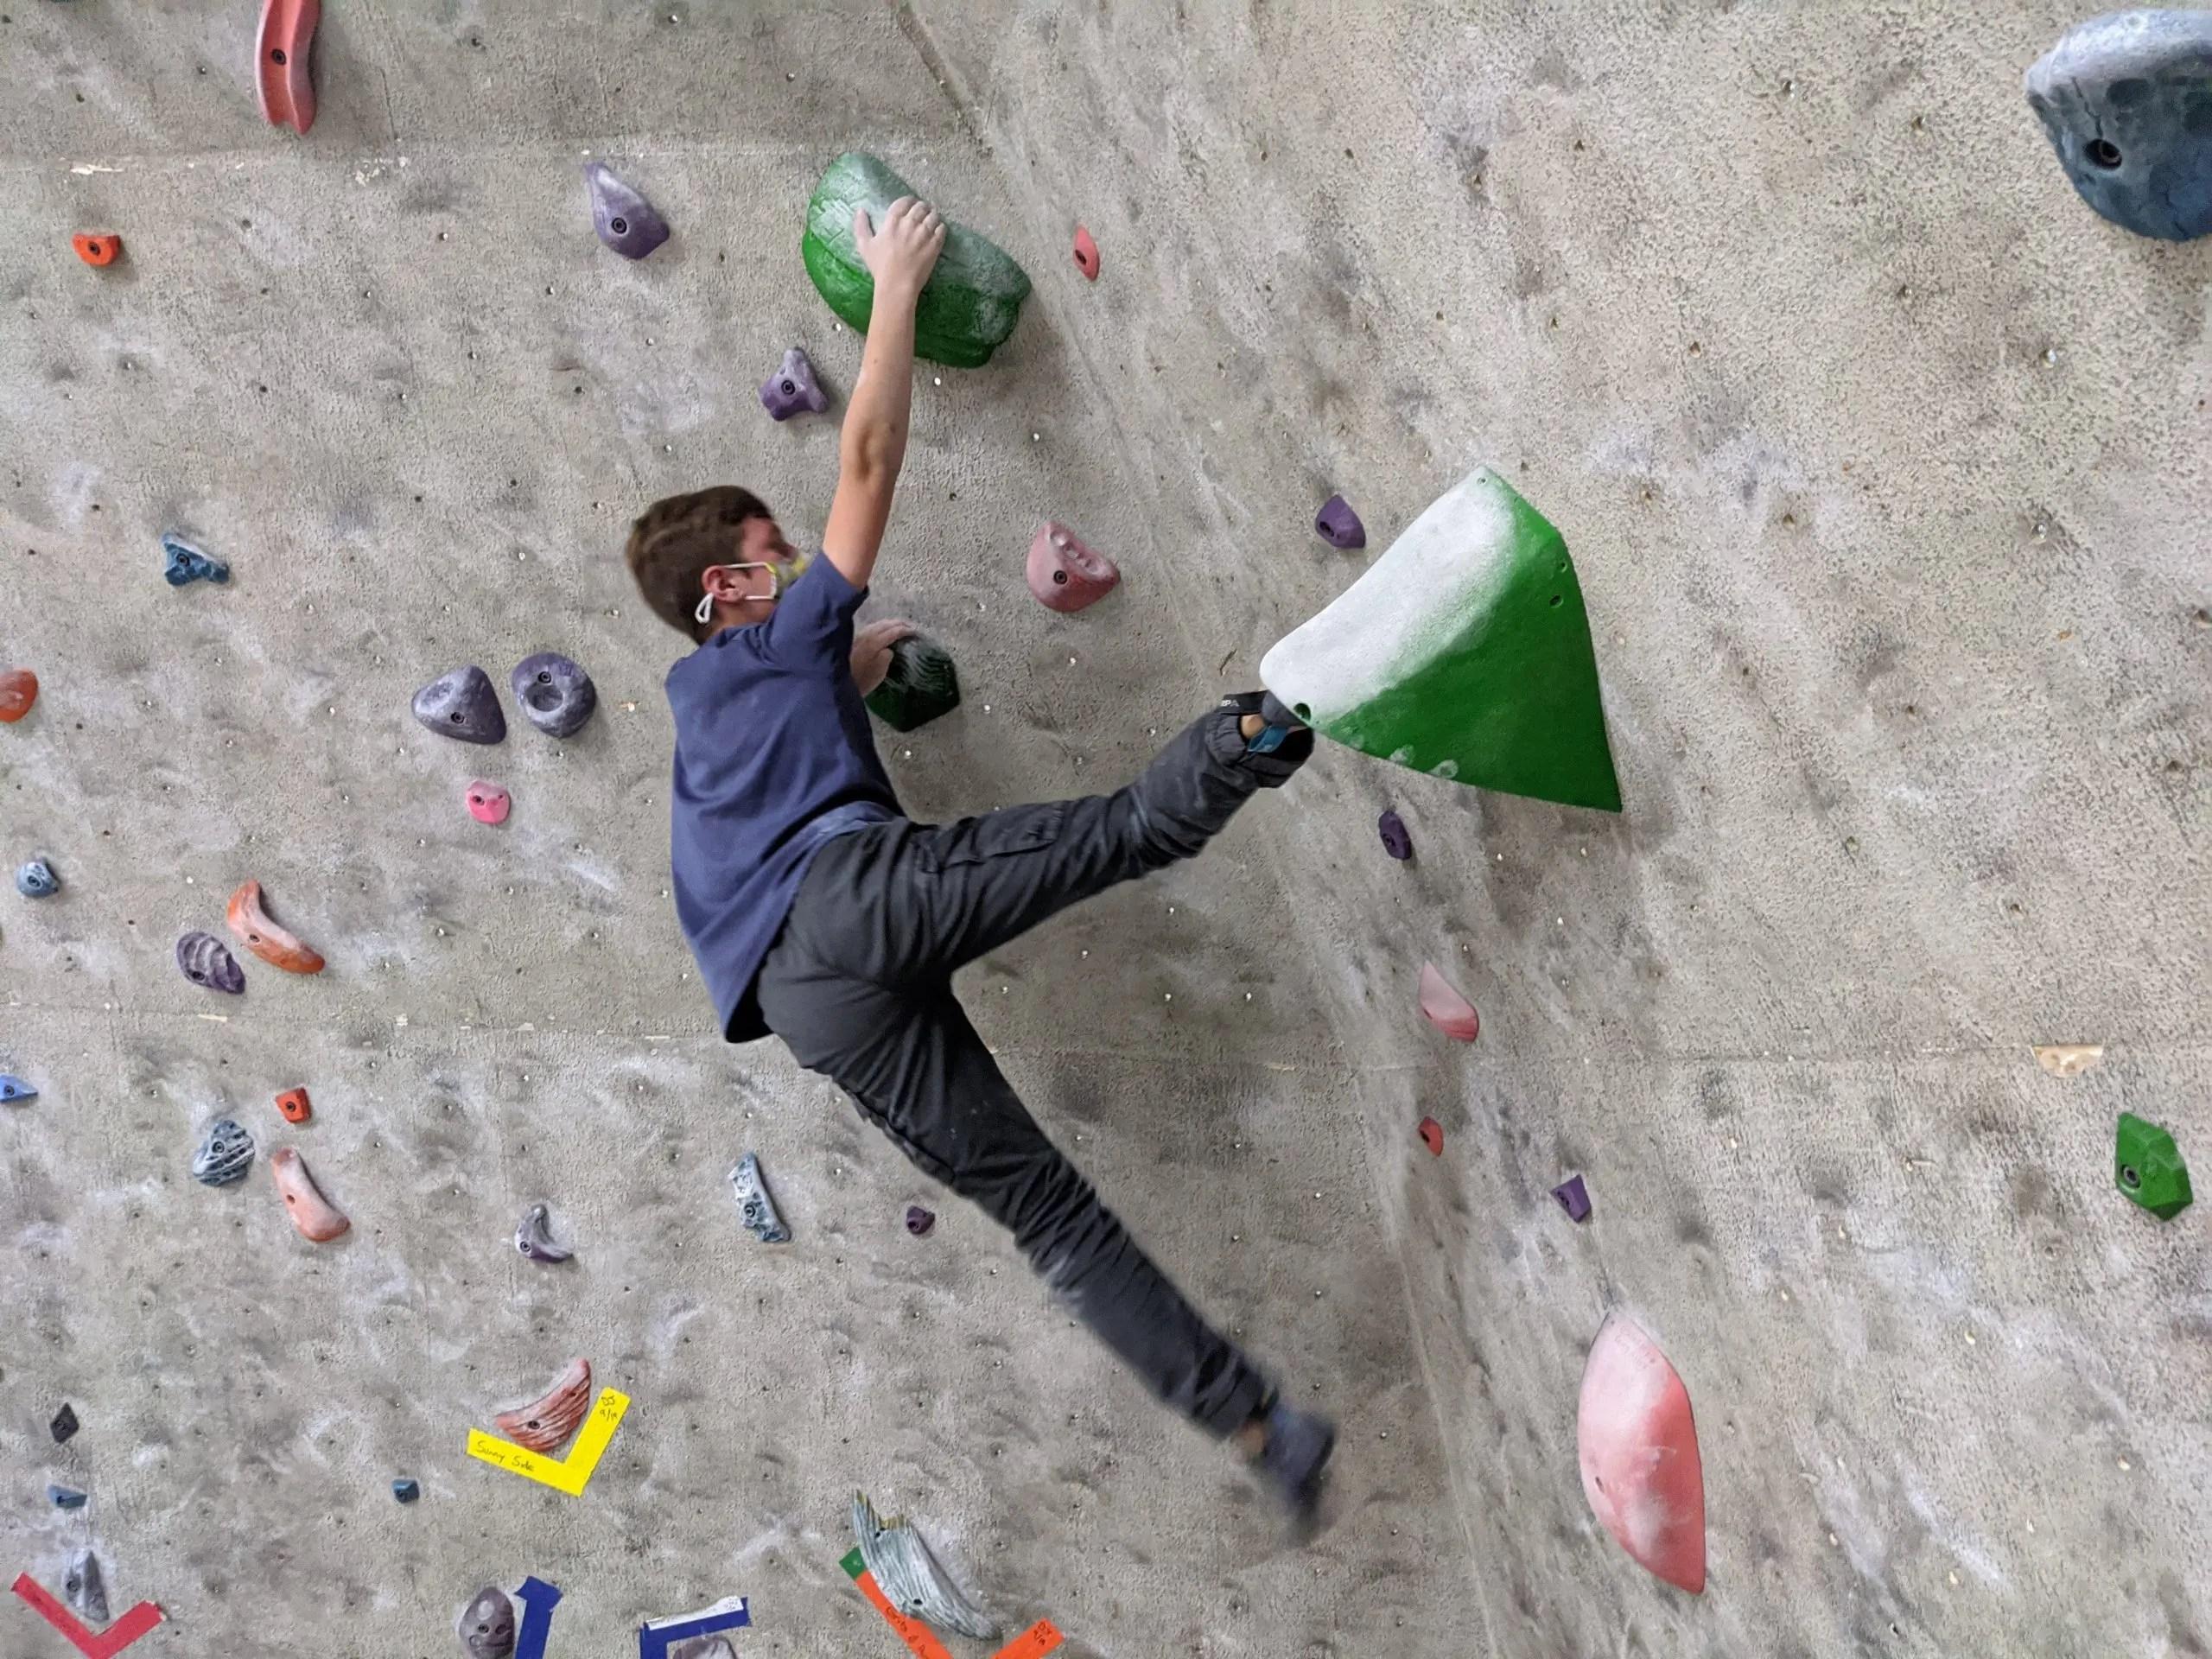 climber climbing at league night